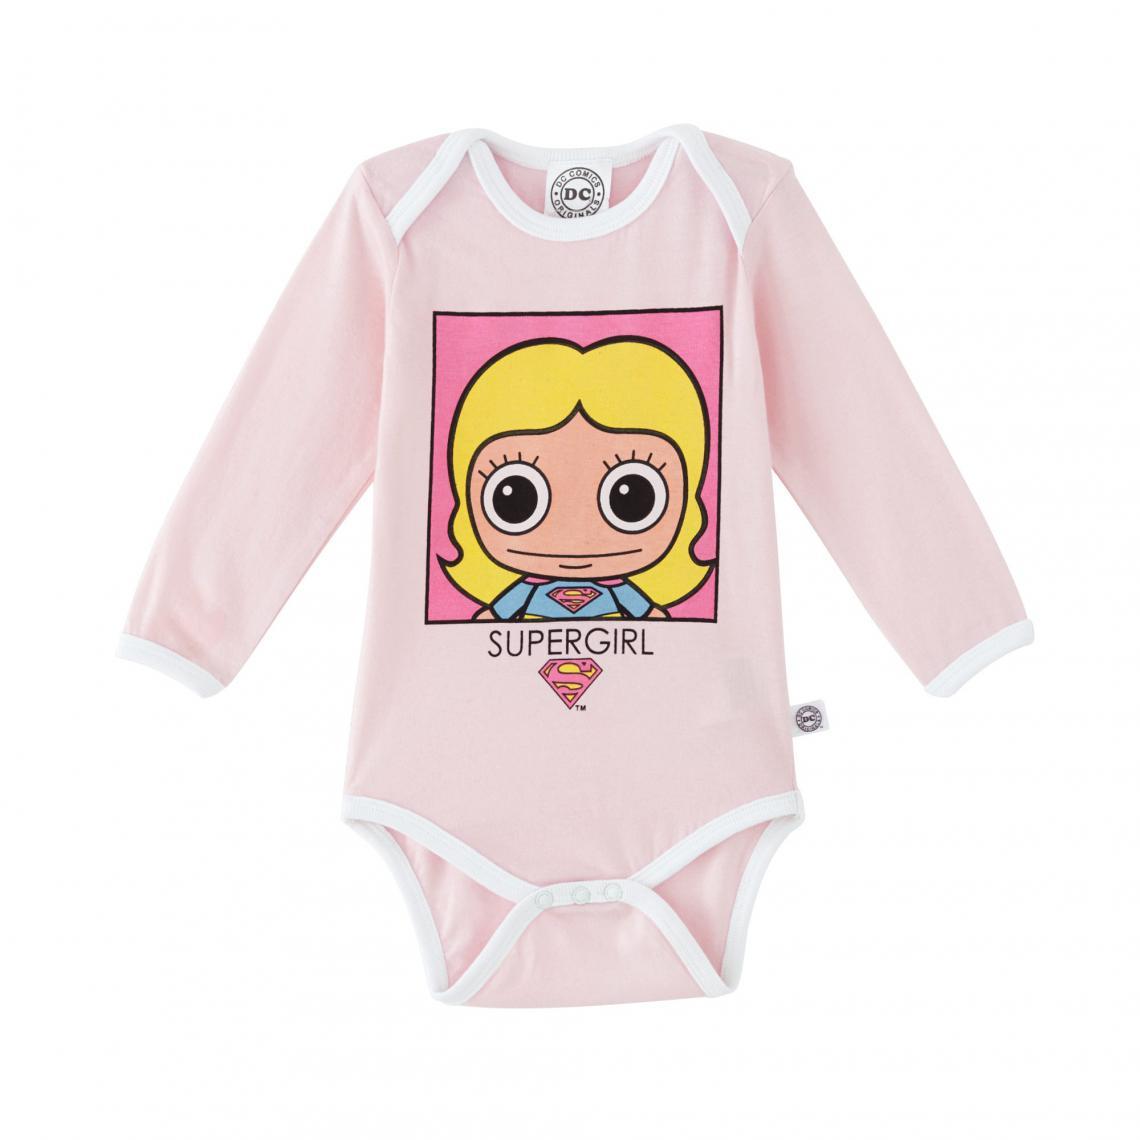 Body coton manches longues bébé fille Supergirl - Rose Supergirls Enfant b2ebbc983bc